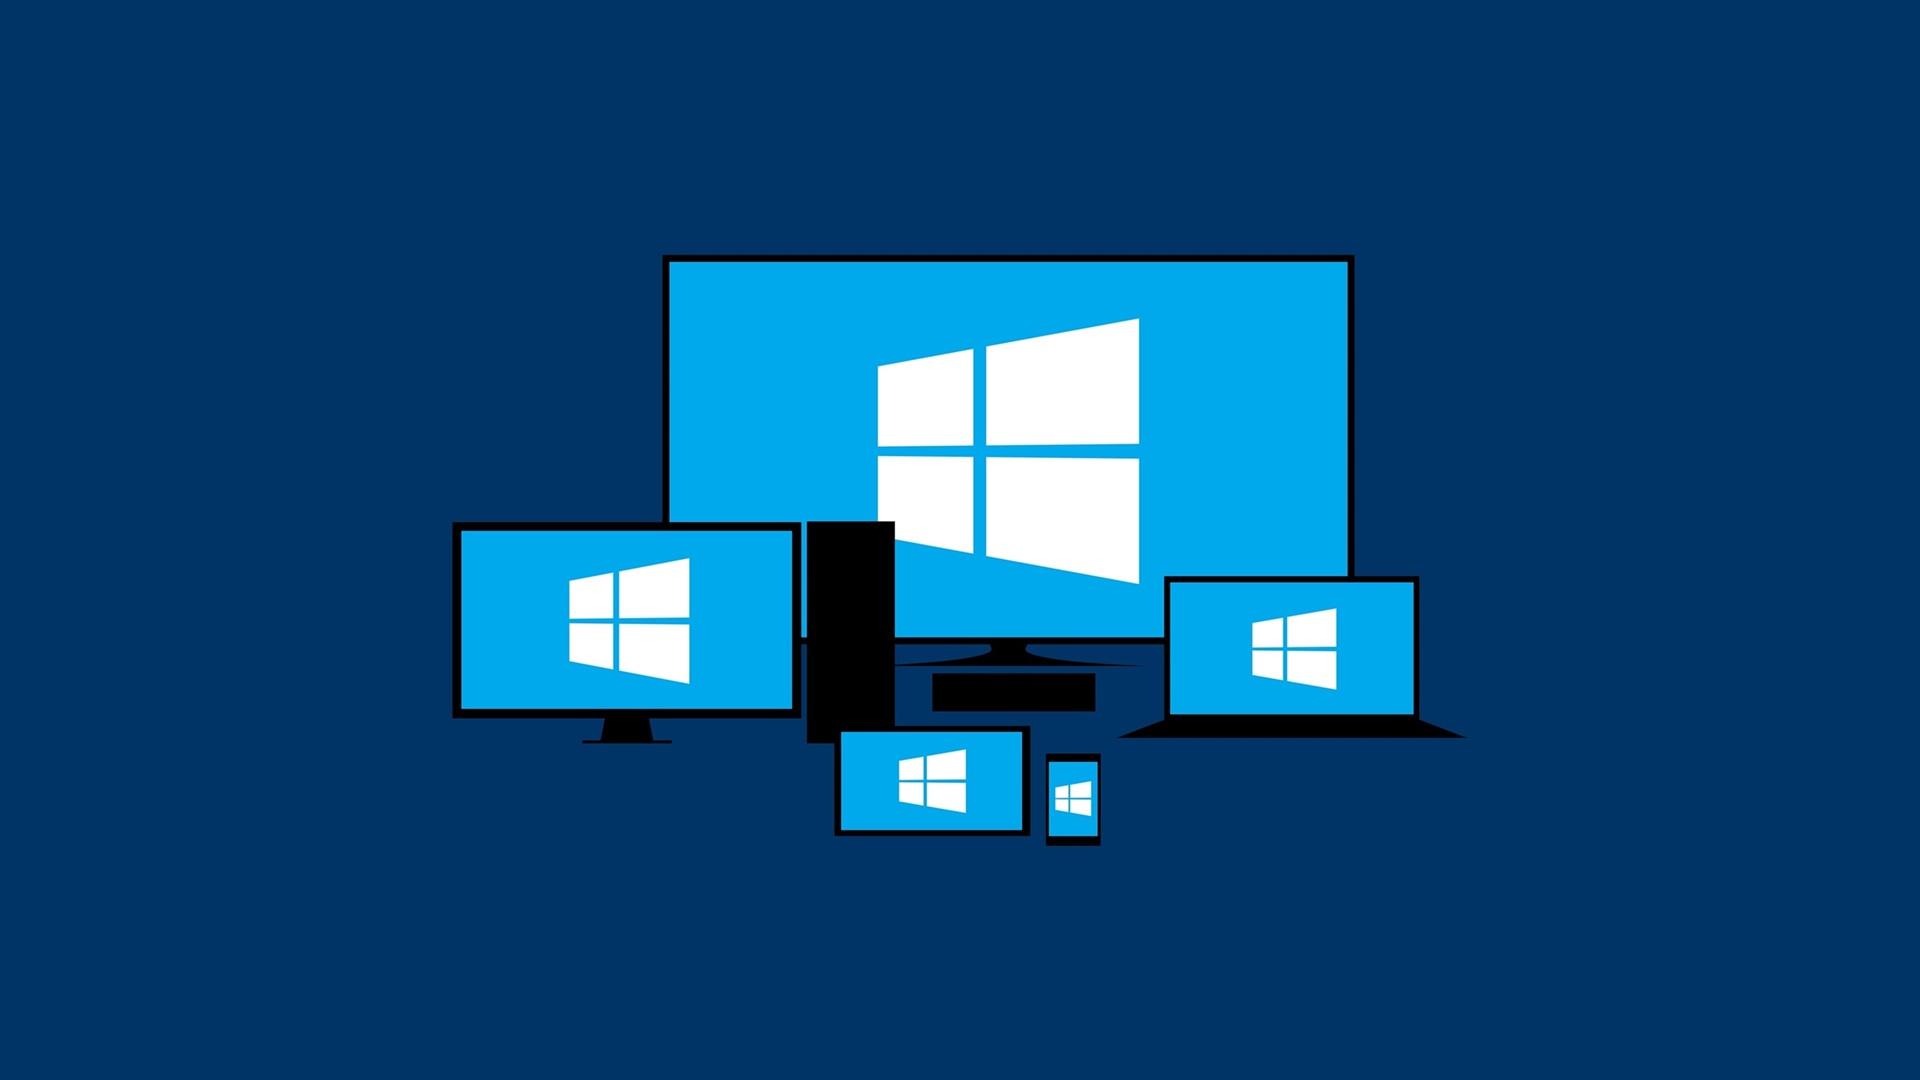 zattoo app windows 10 download